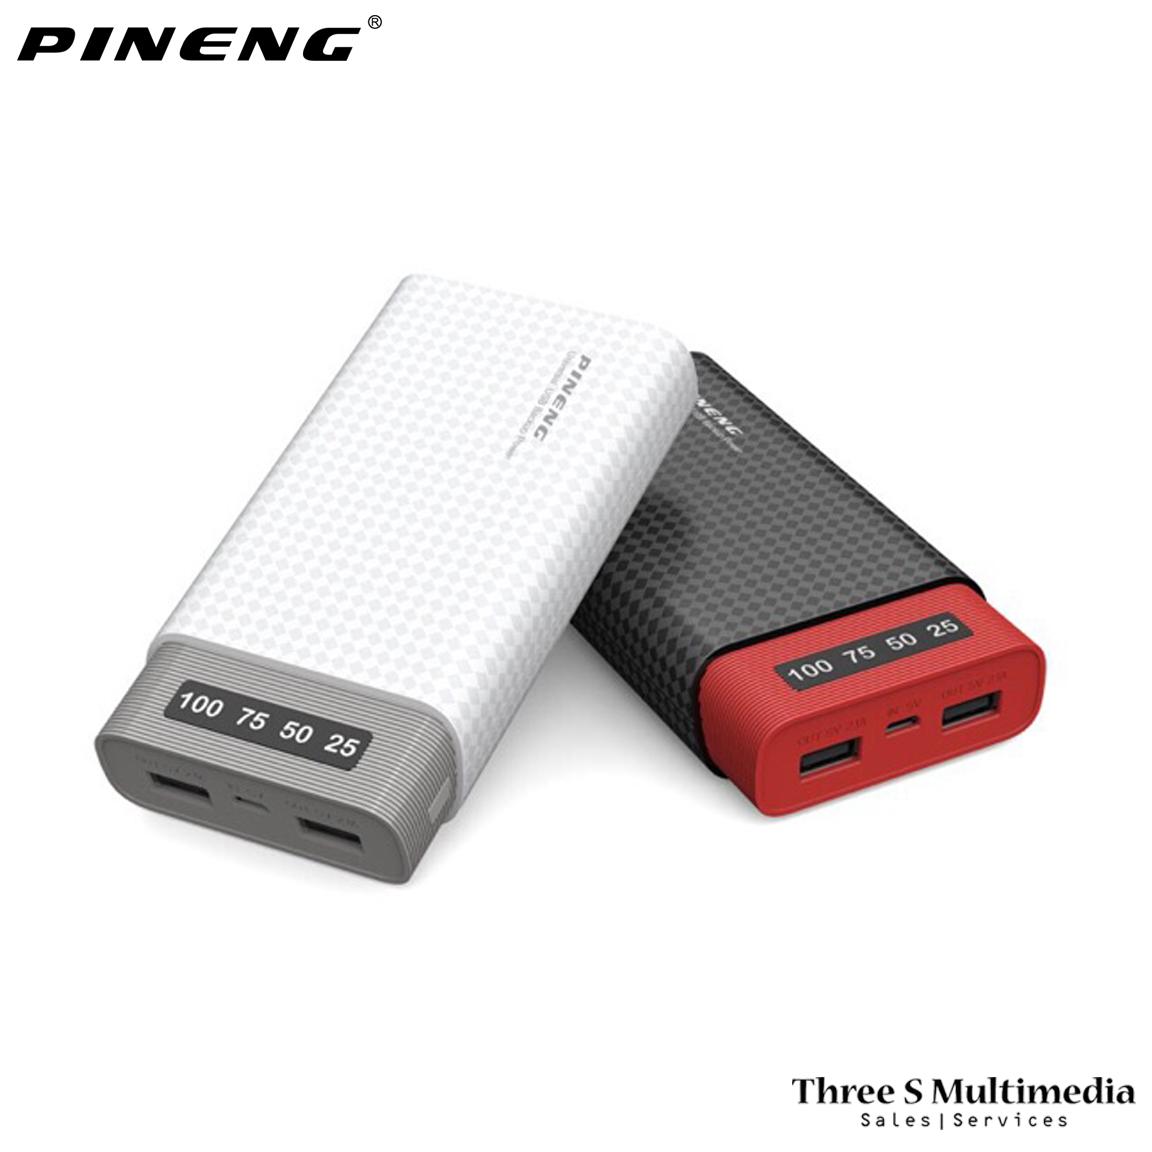 PINENG PN-982 20000mAh Lithium Polymer Power Bank